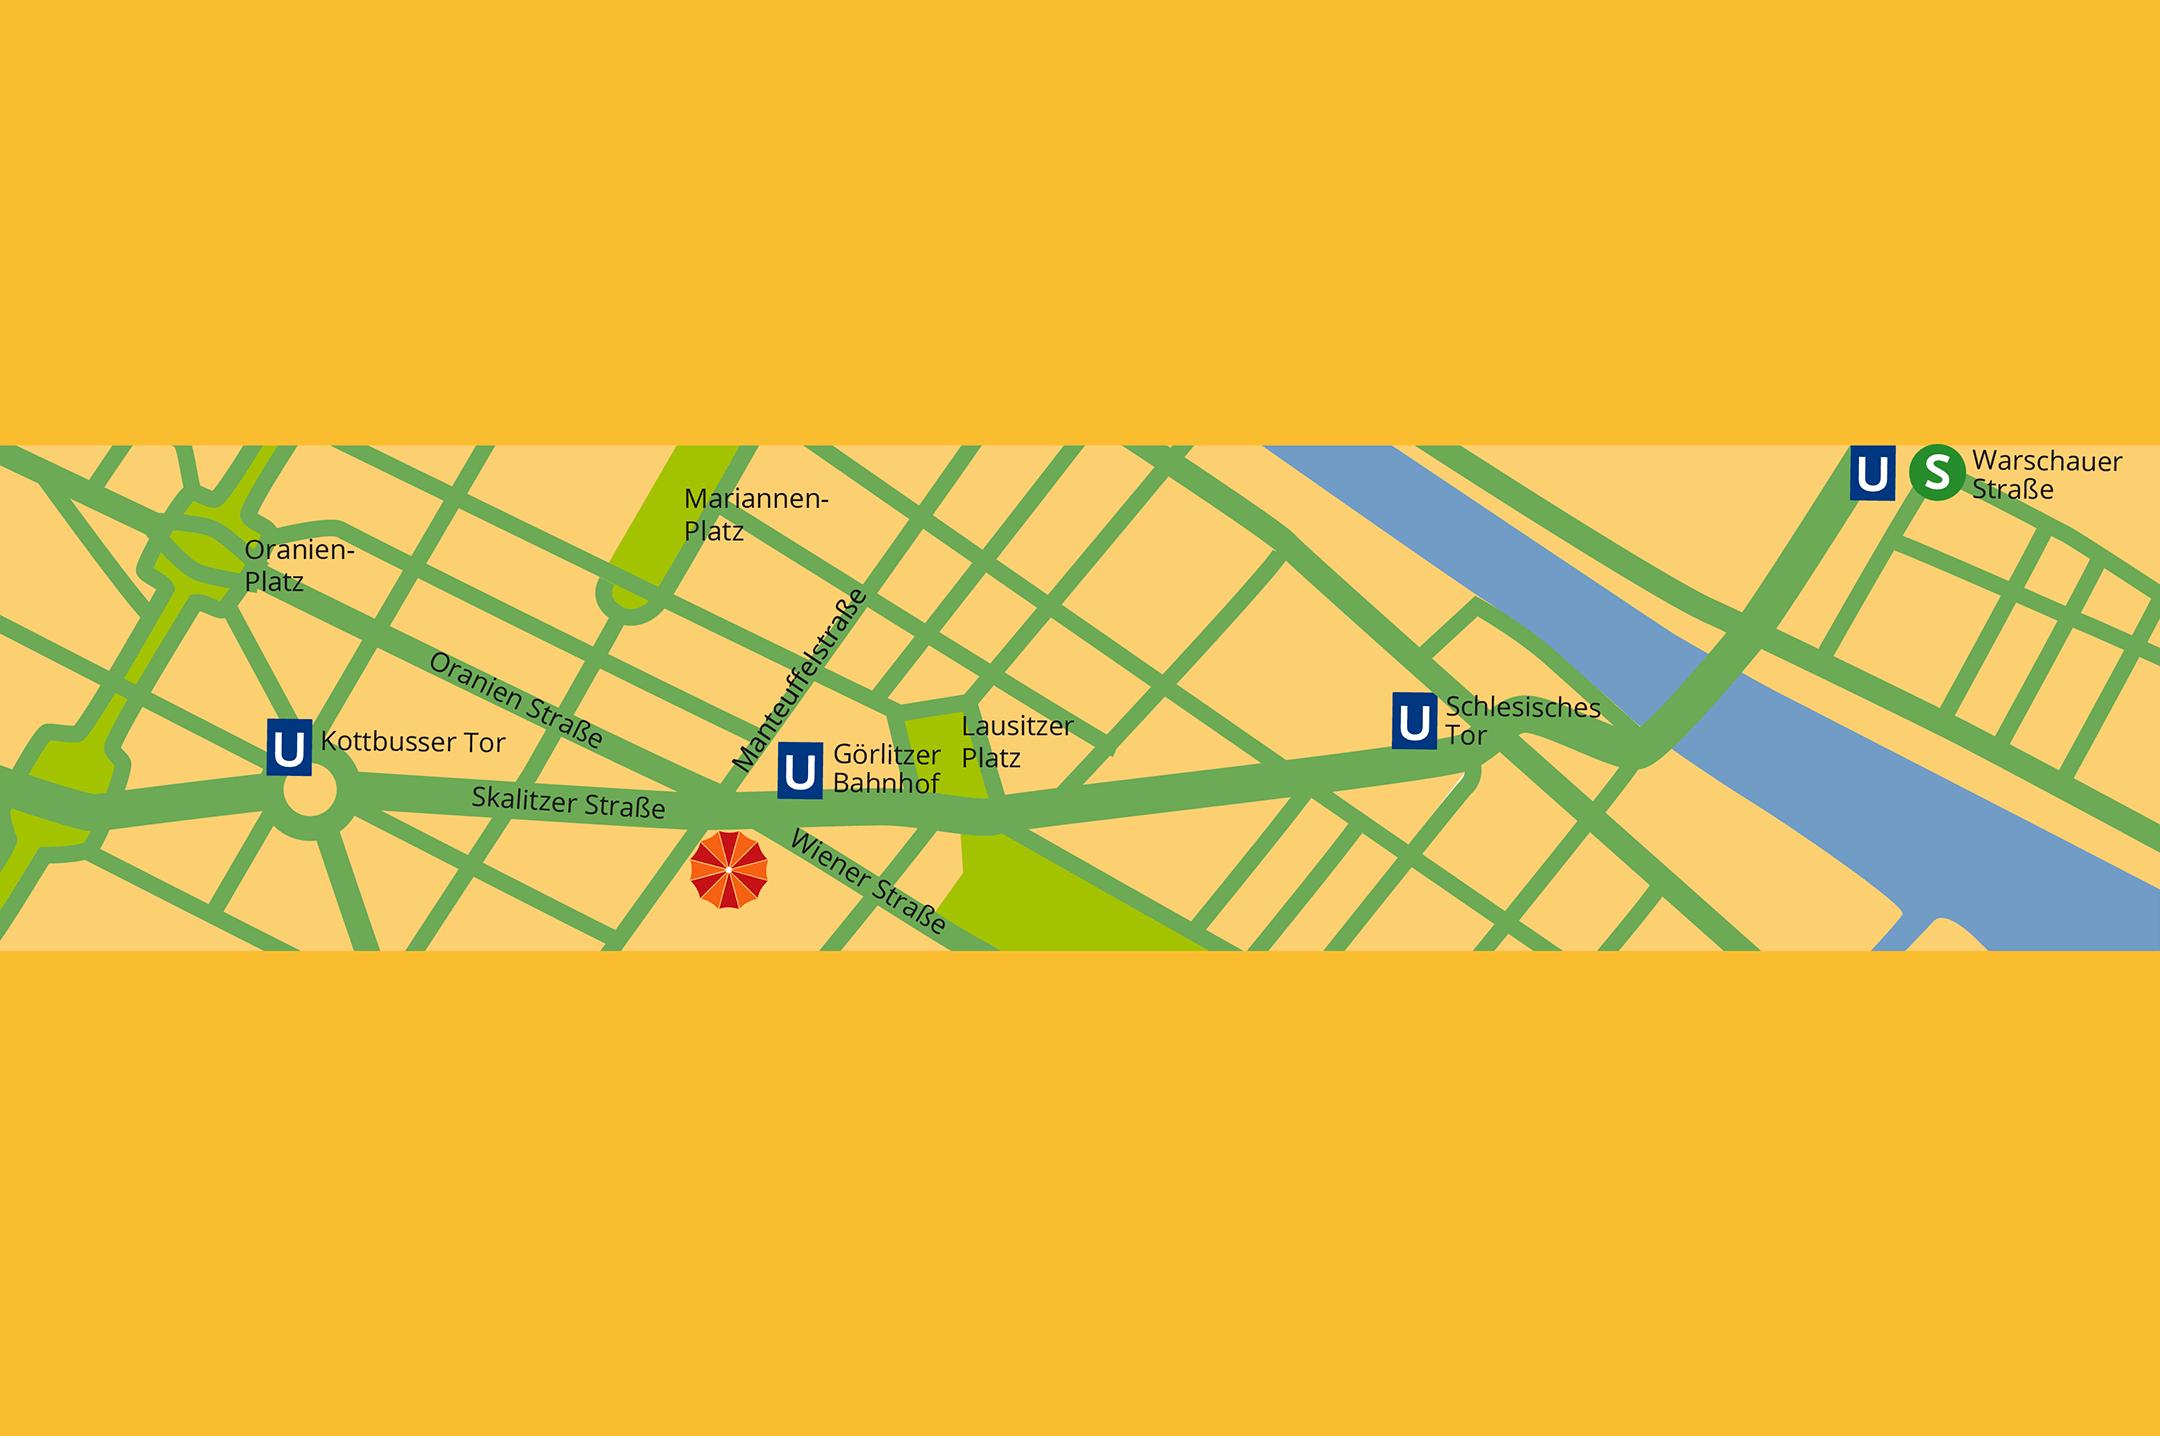 Bild Stadtplan und Zufahrt für Restaurant Miss Saigon in Berlin Kreuzberg, Friedrichshain